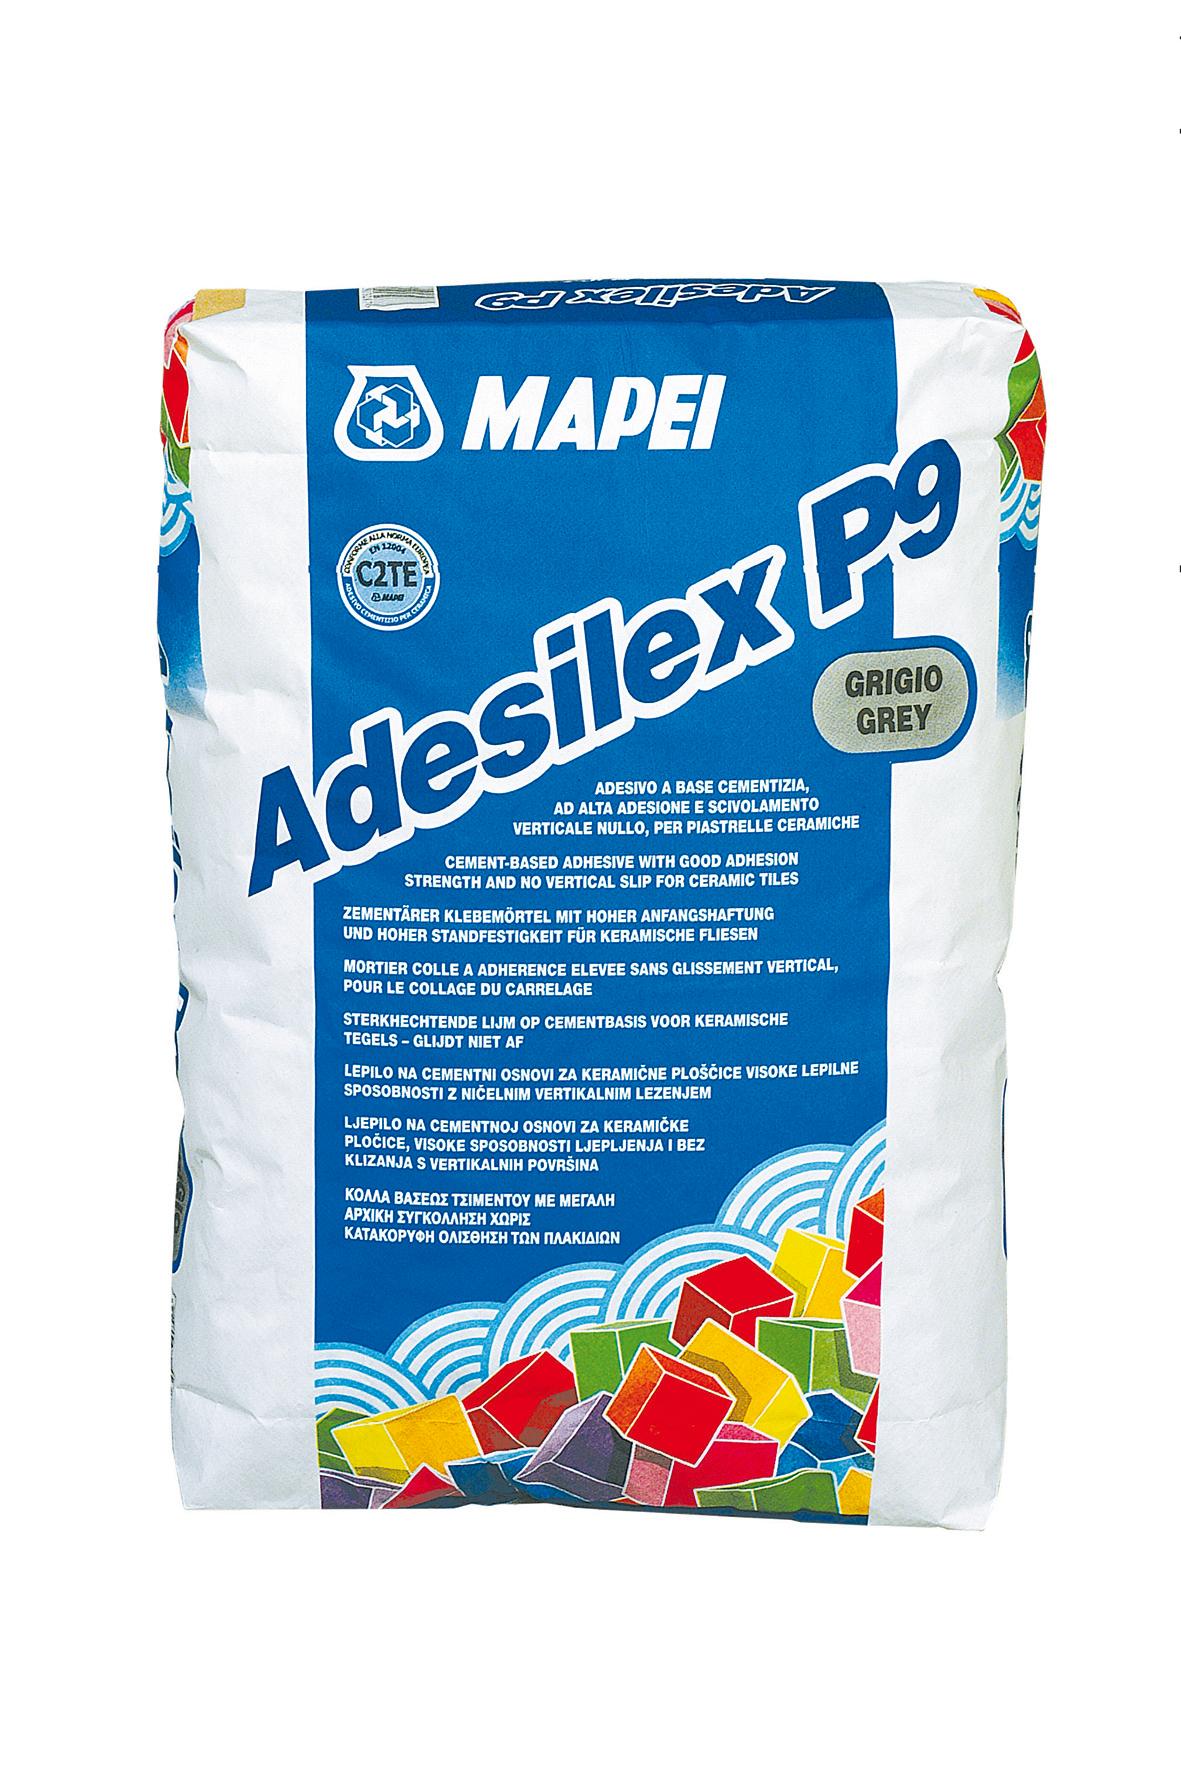 04Flexilepidla Adesilex P9 pytel